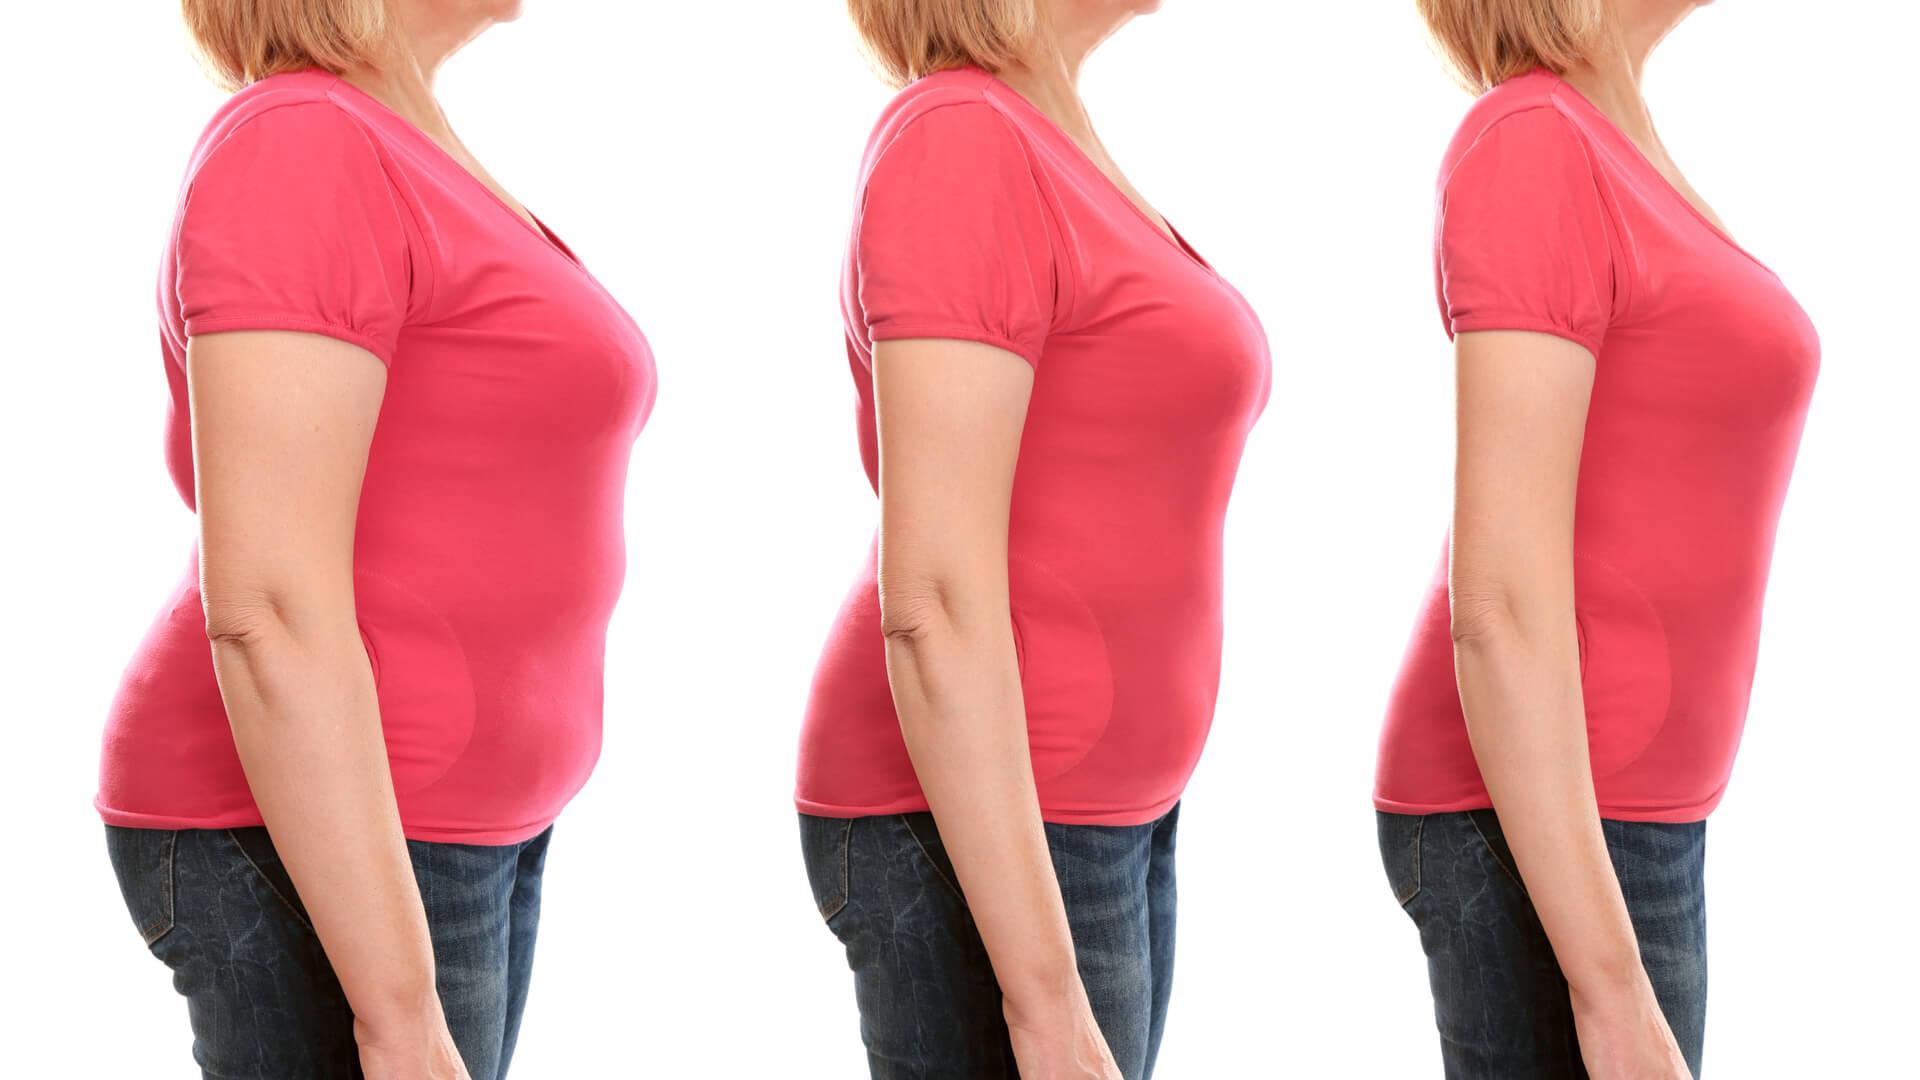 Esti gras si nu poti slabi? Citeste aici! 4